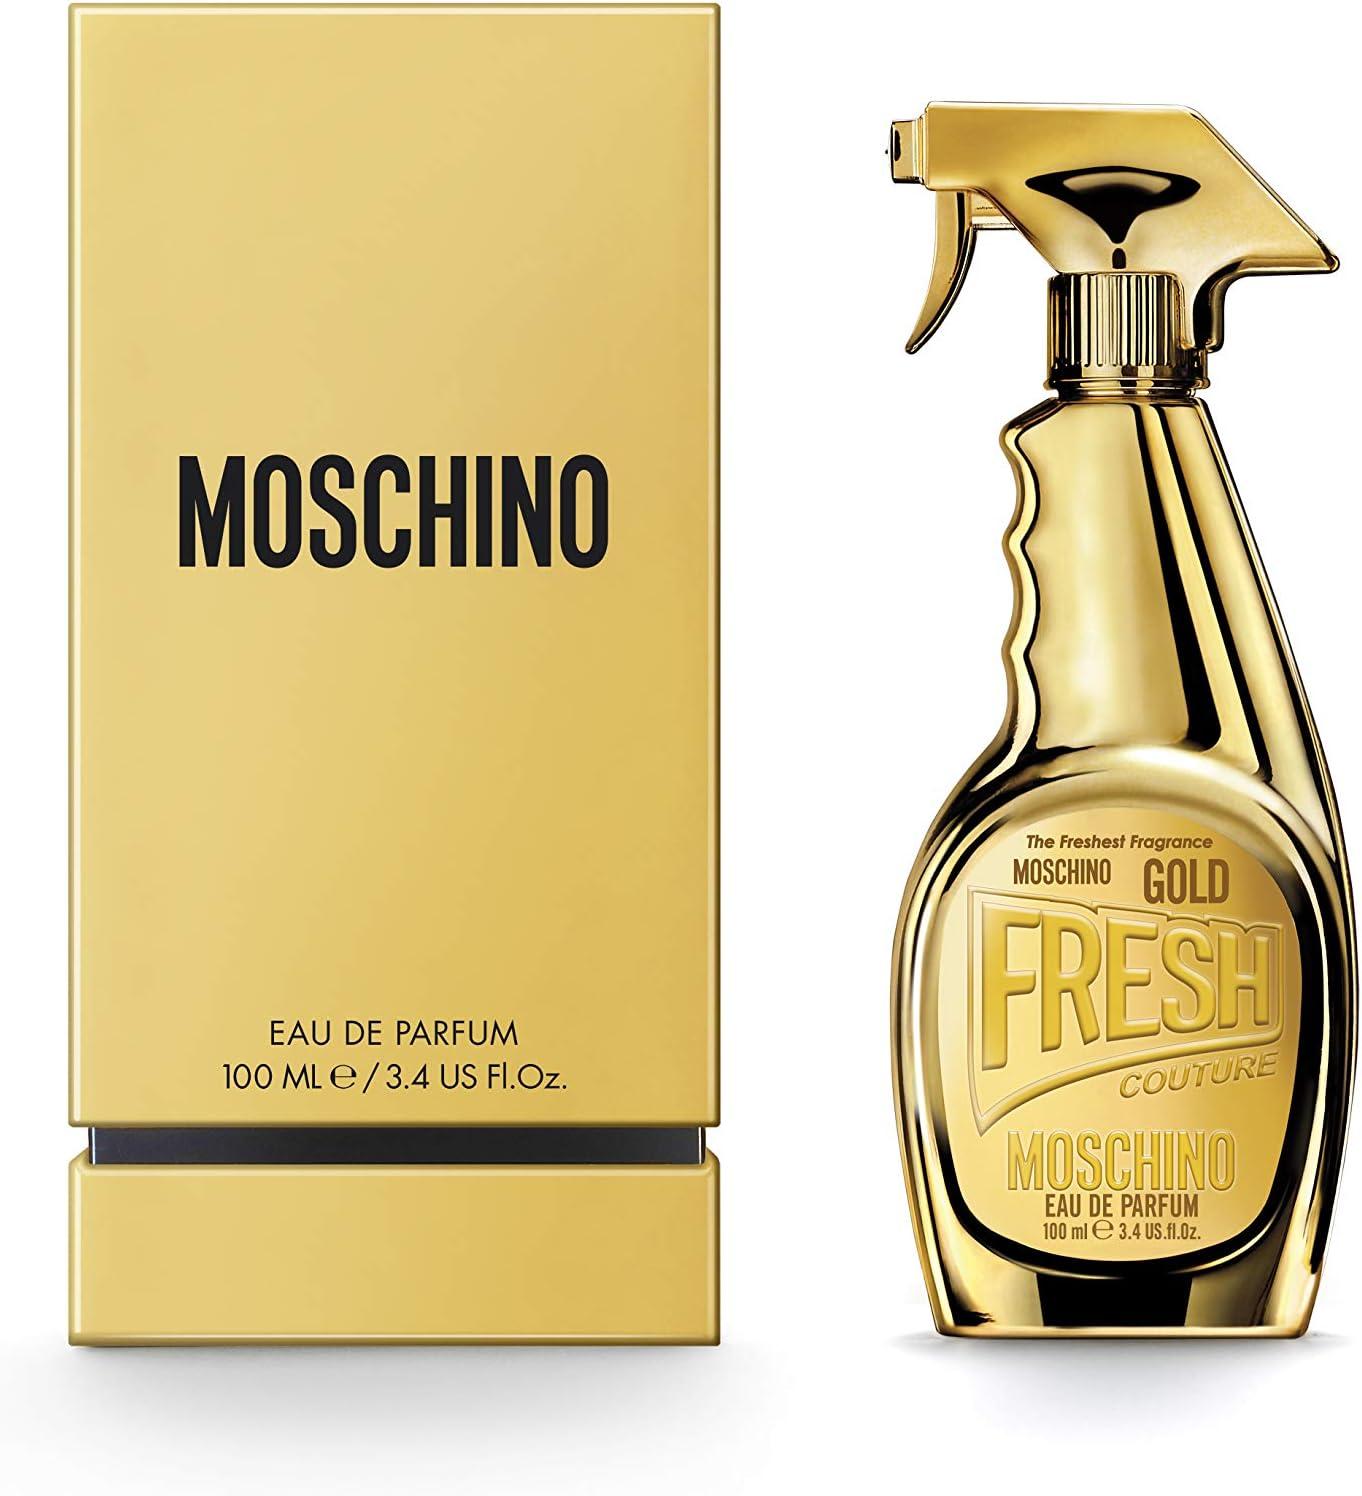 moschino perfume fresh